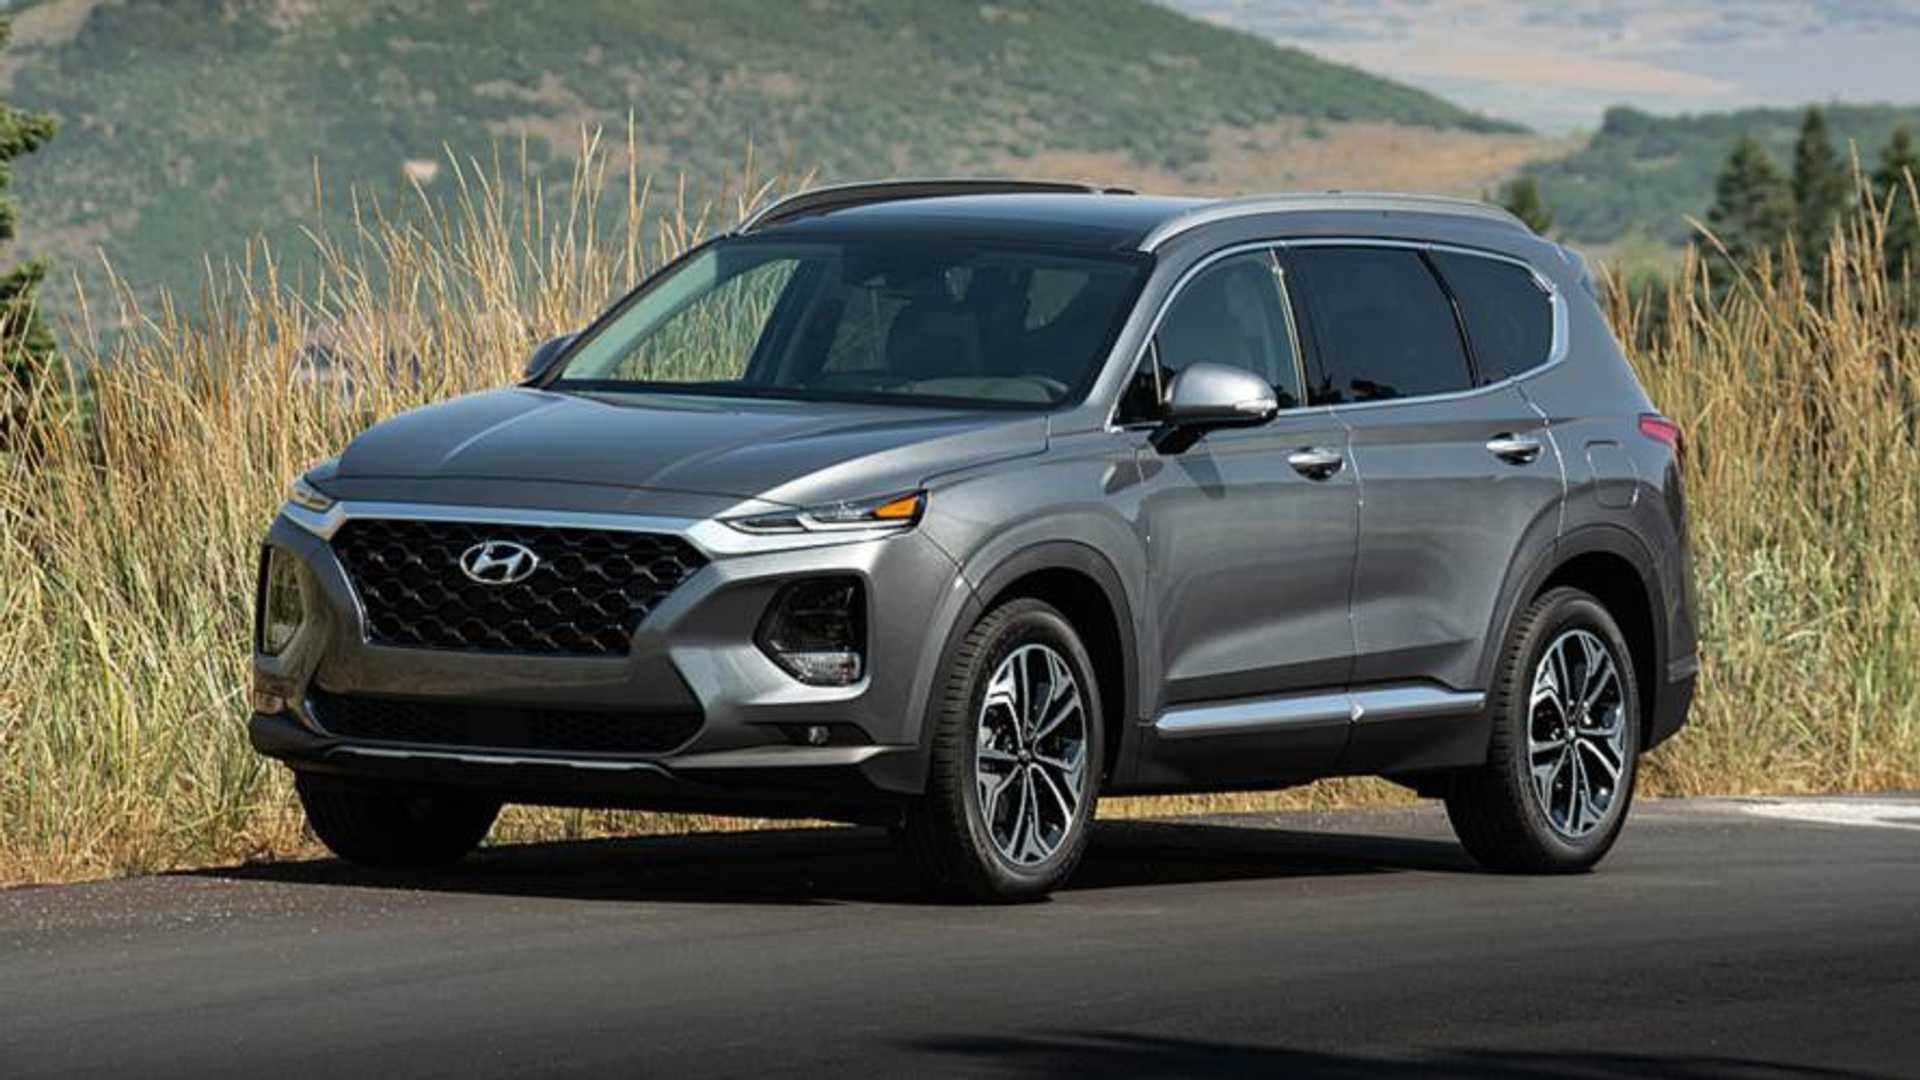 2019 Hyundai Santa Fe First Drive: Flawed And Fantastic